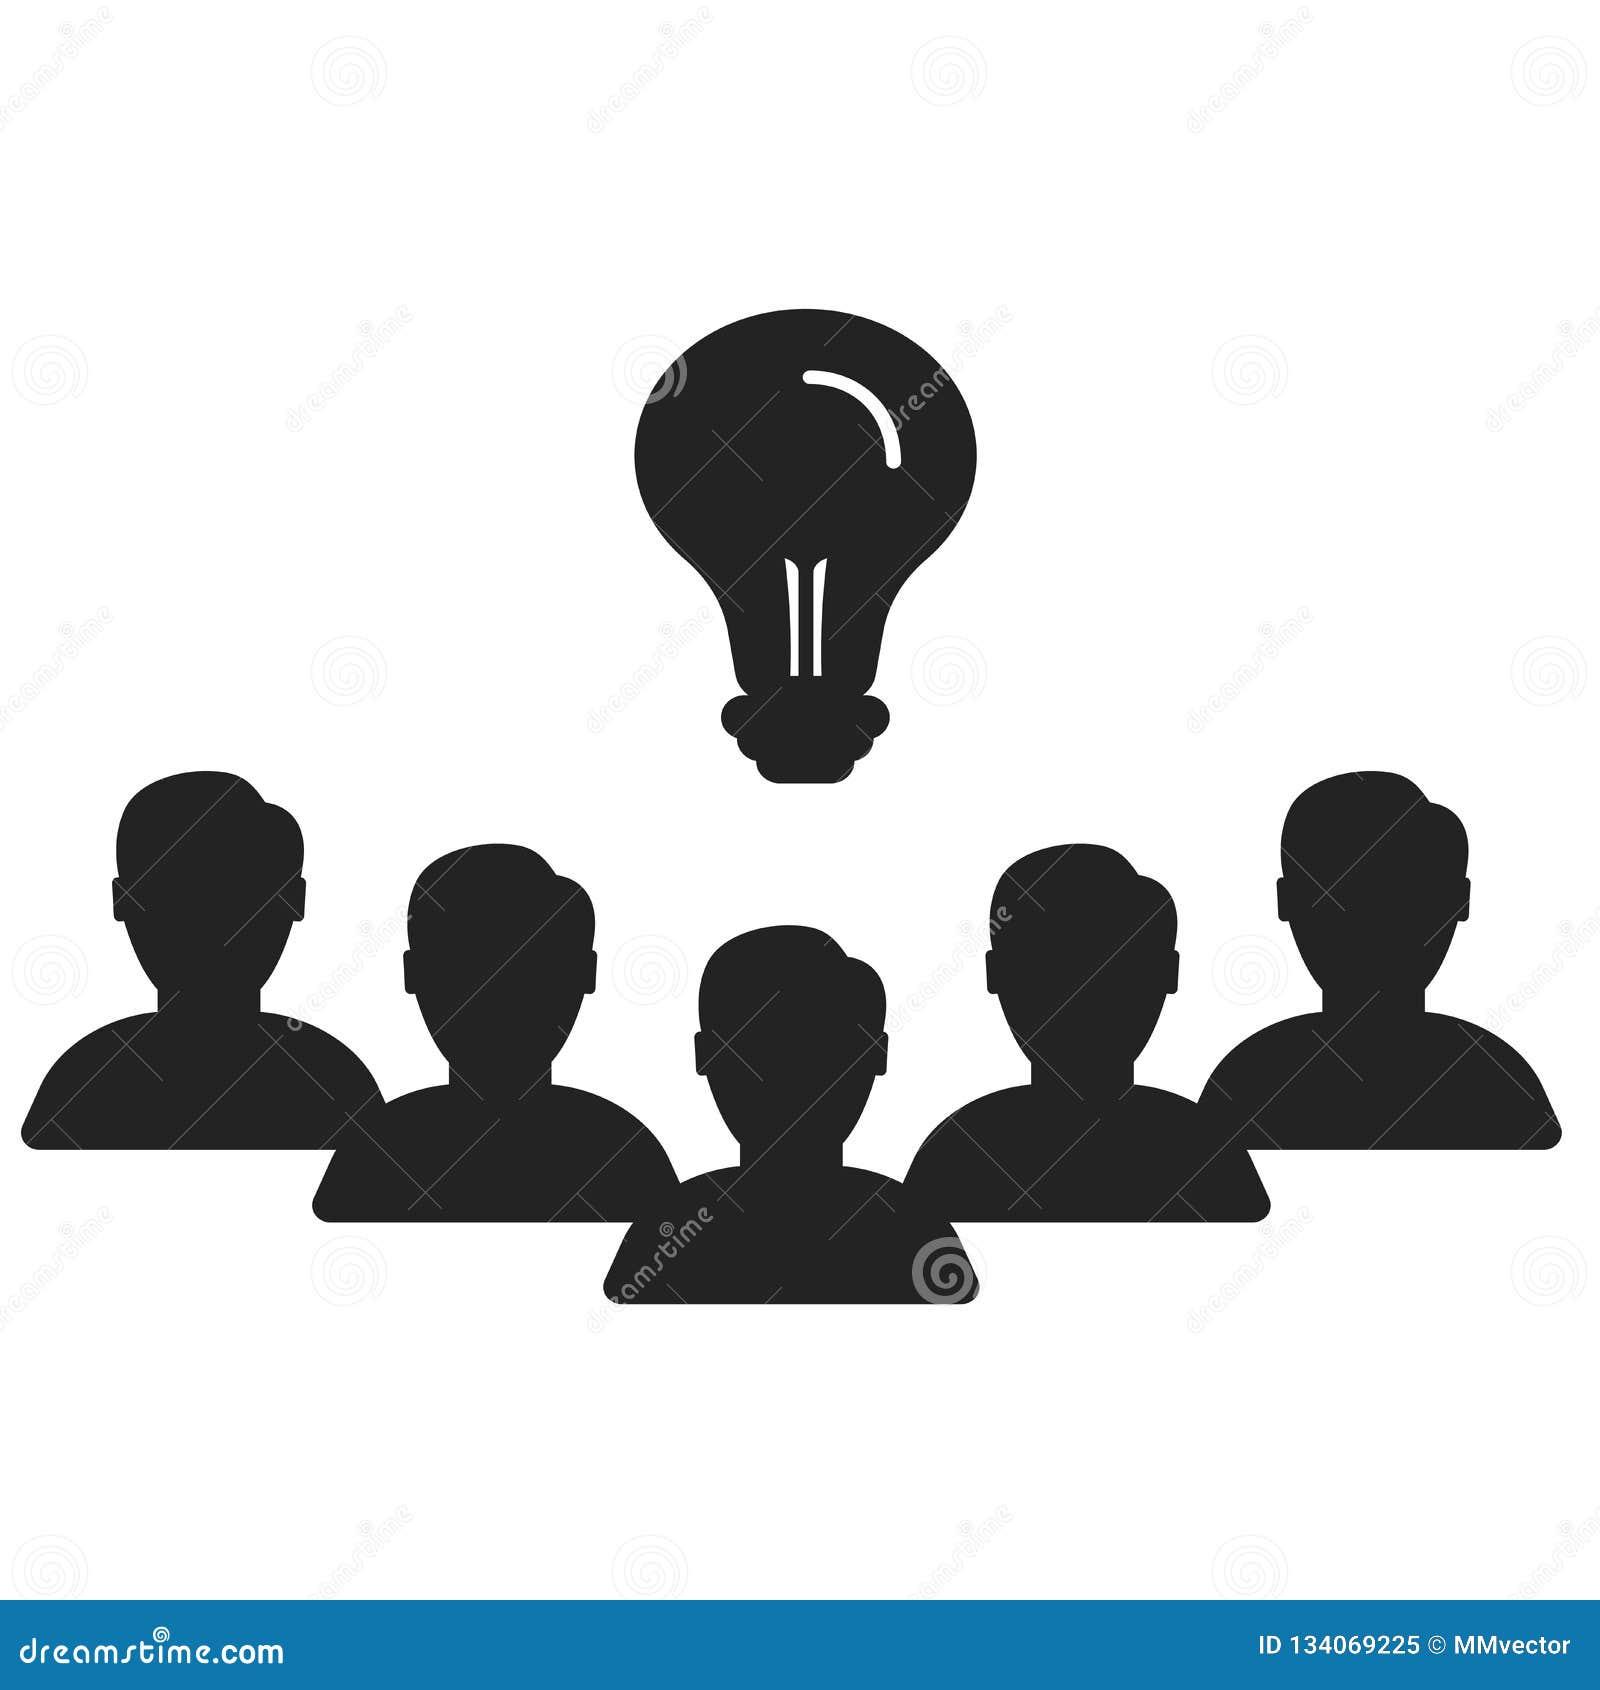 Teamwork-Ikonenvektorzeichen und -symbol lokalisiert auf weißem Hintergrund, Teamwork-Logokonzept